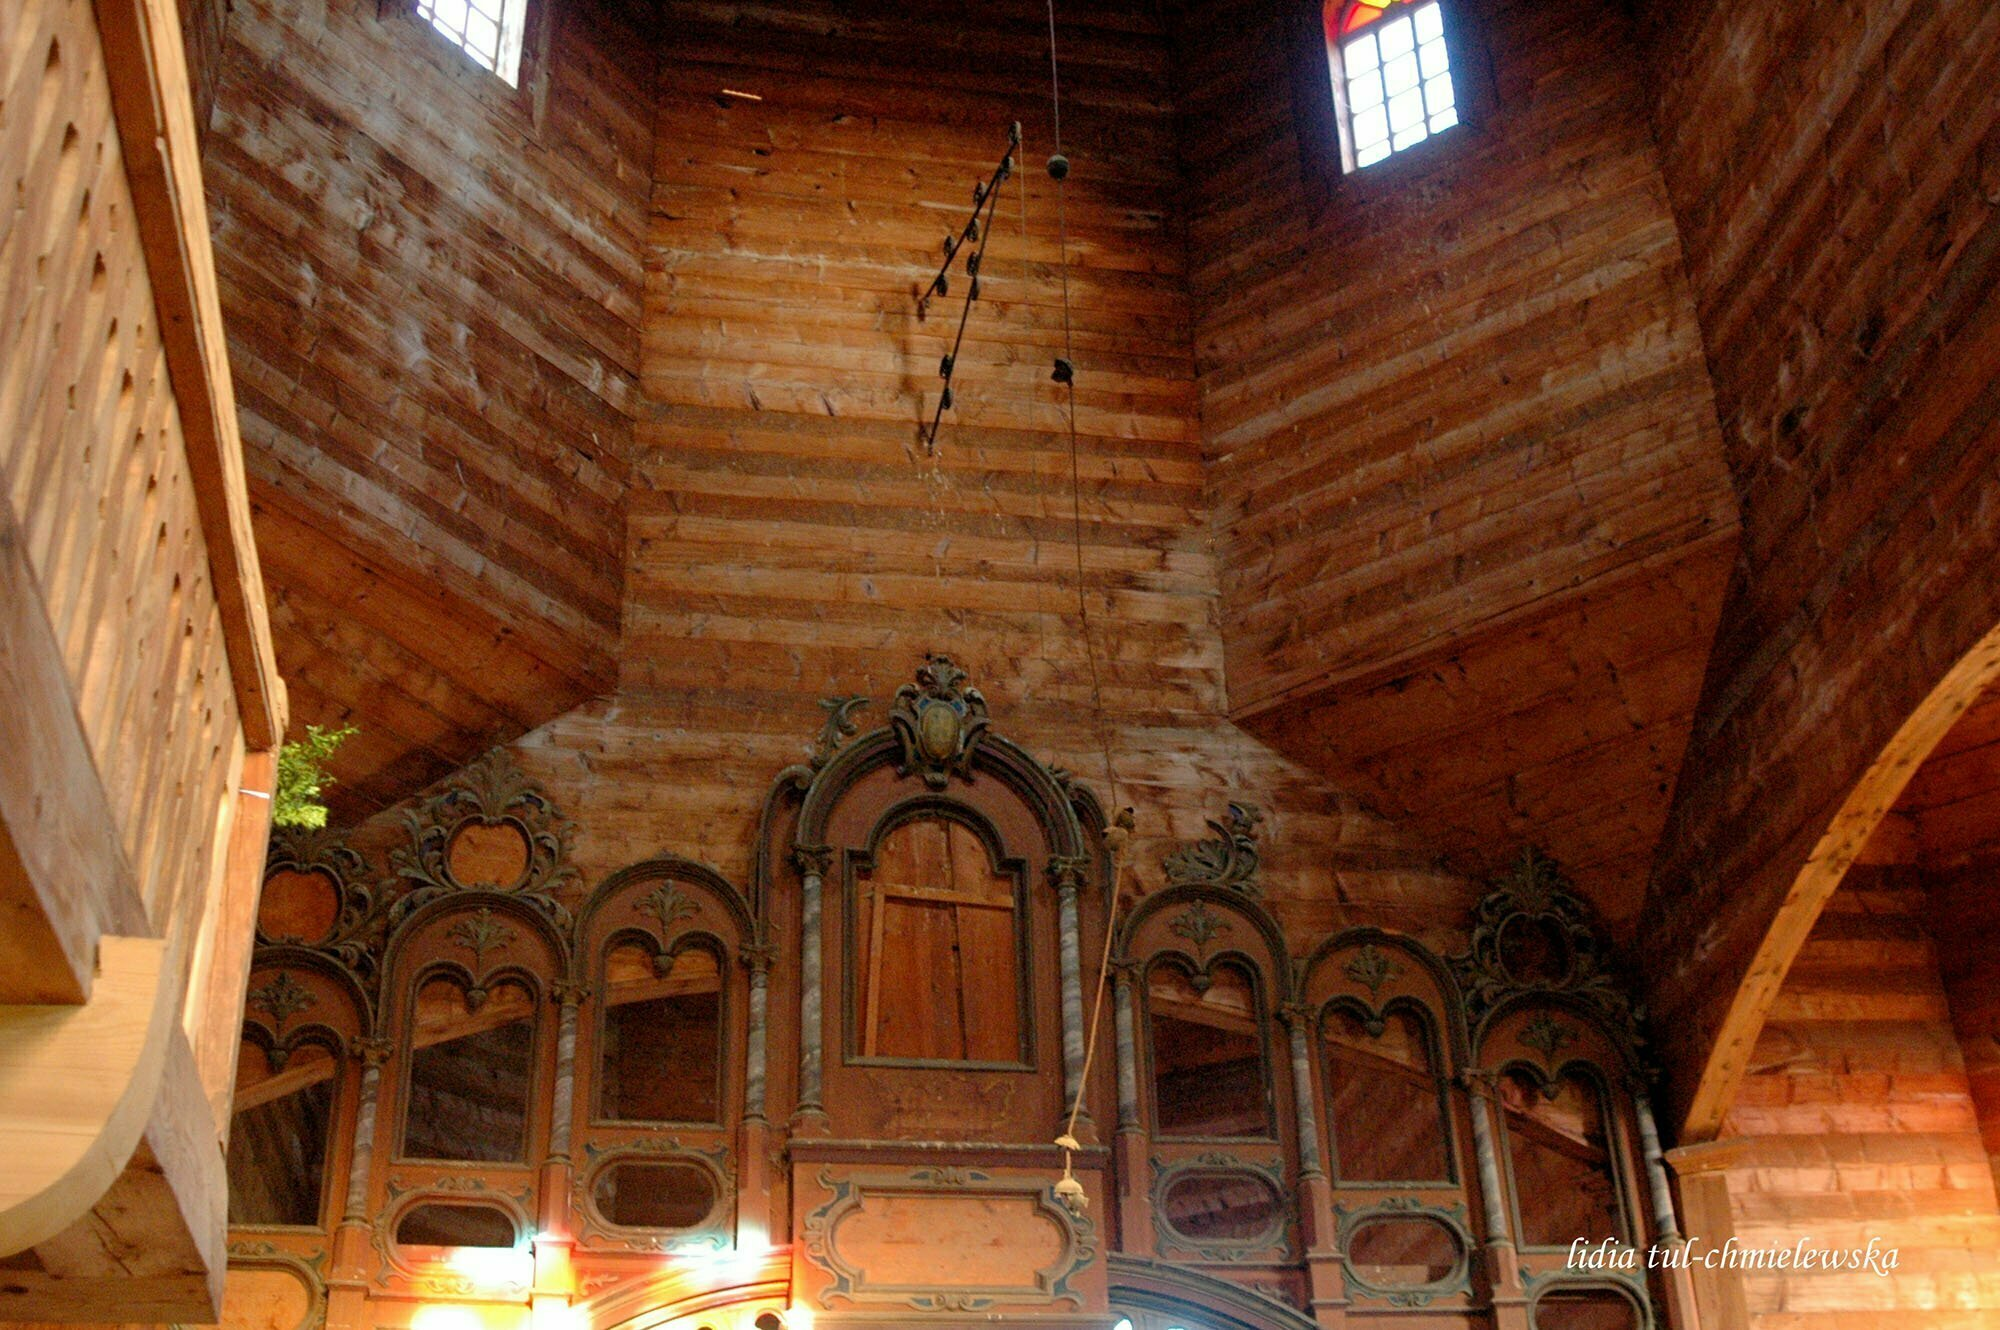 Cerkiew w miejscowości Bystre / fot. Lidia Tul-Chmielewska